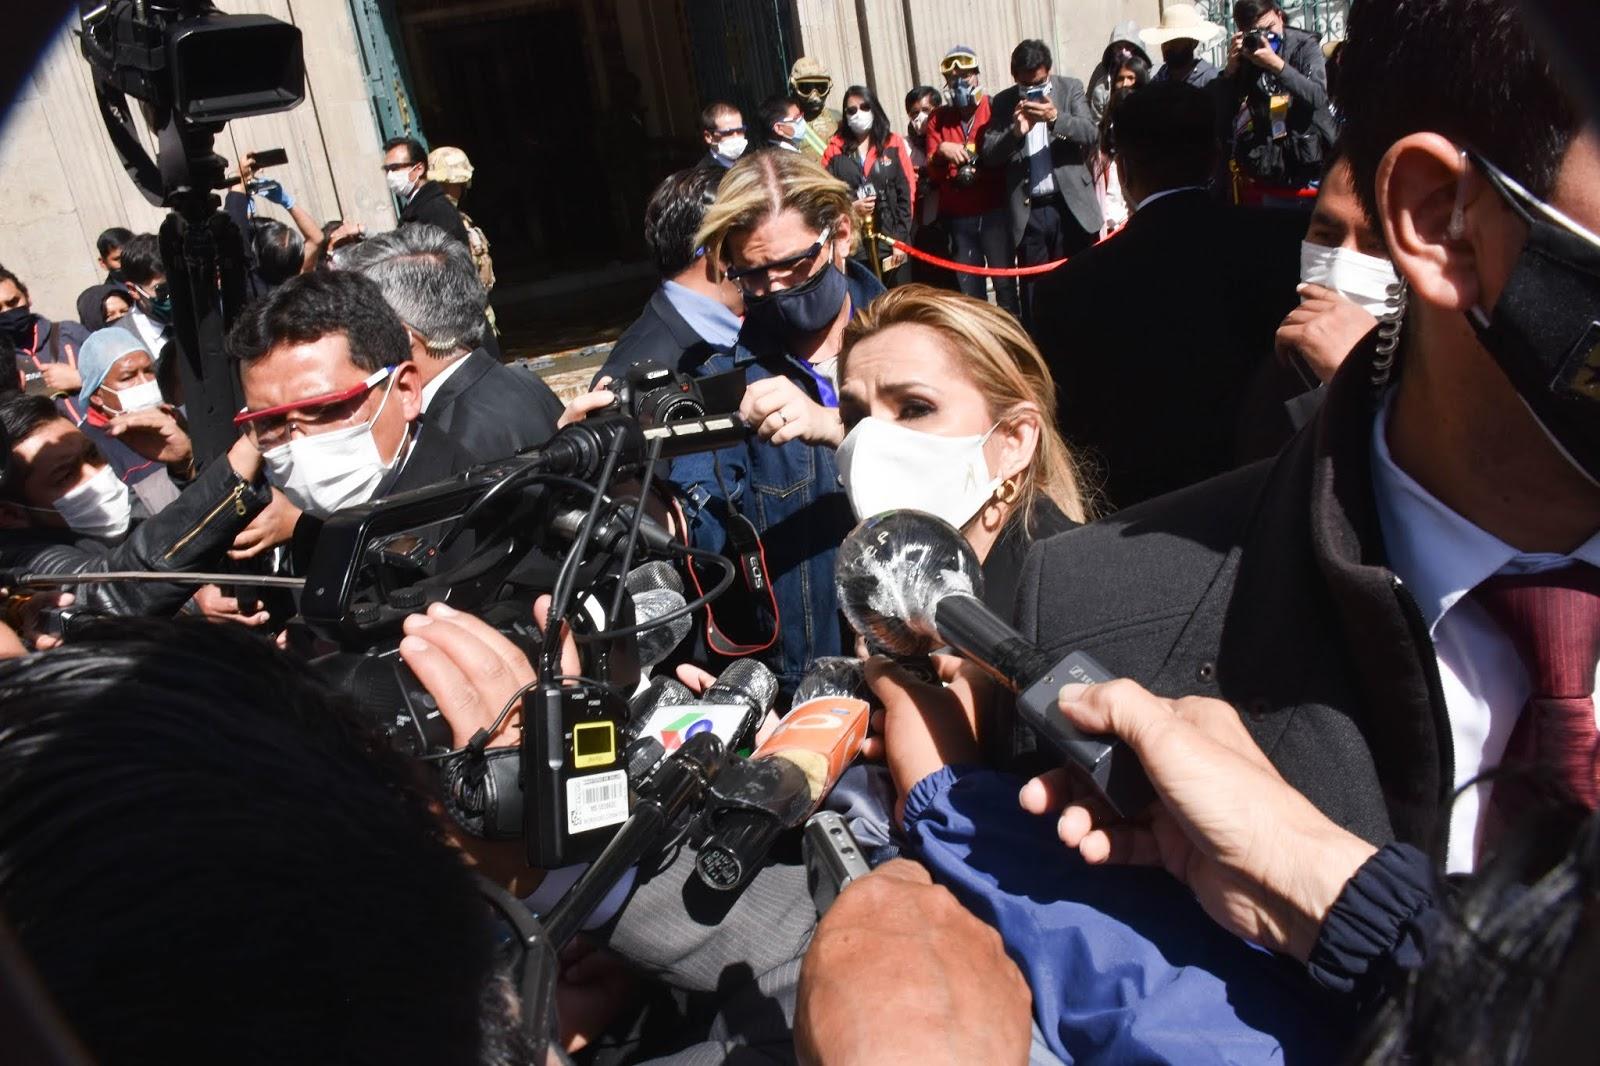 Presidenta Áñez entrevistada pro la prensa en plaza Murillo el viernes / ABI